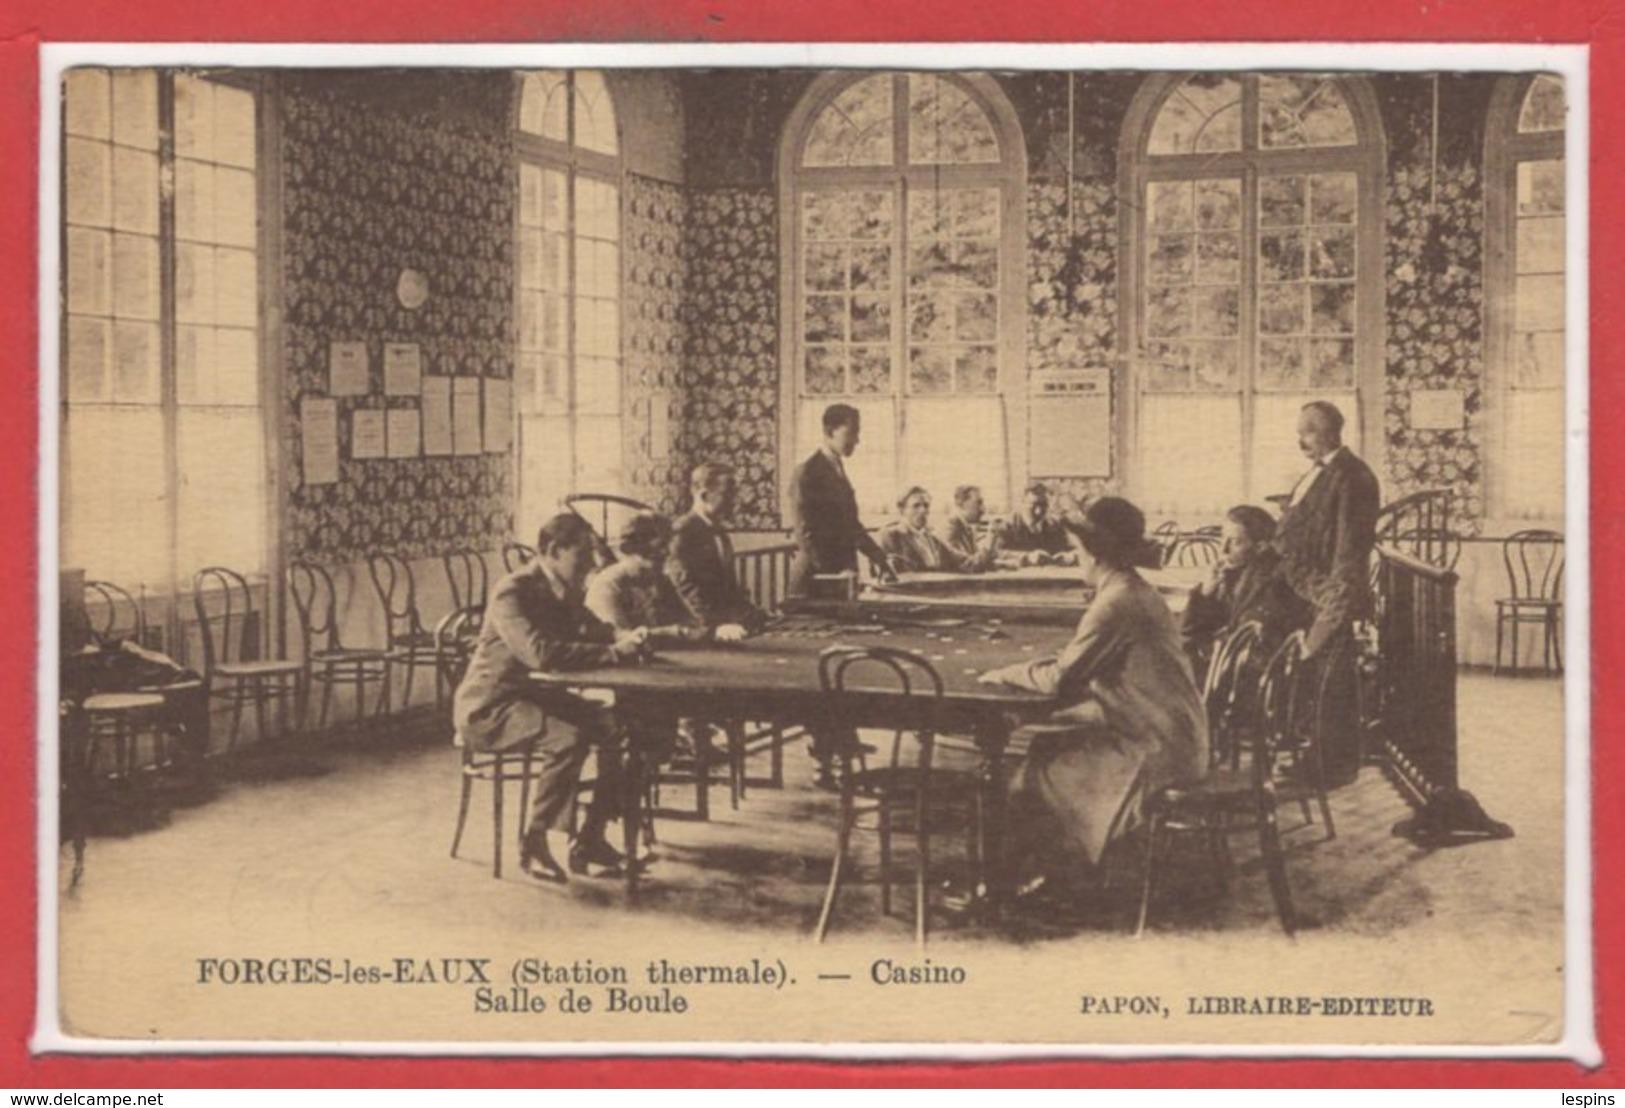 JEUX --- CASINO - FORGES Les EAUX - Salle De Boule - Cartes Postales